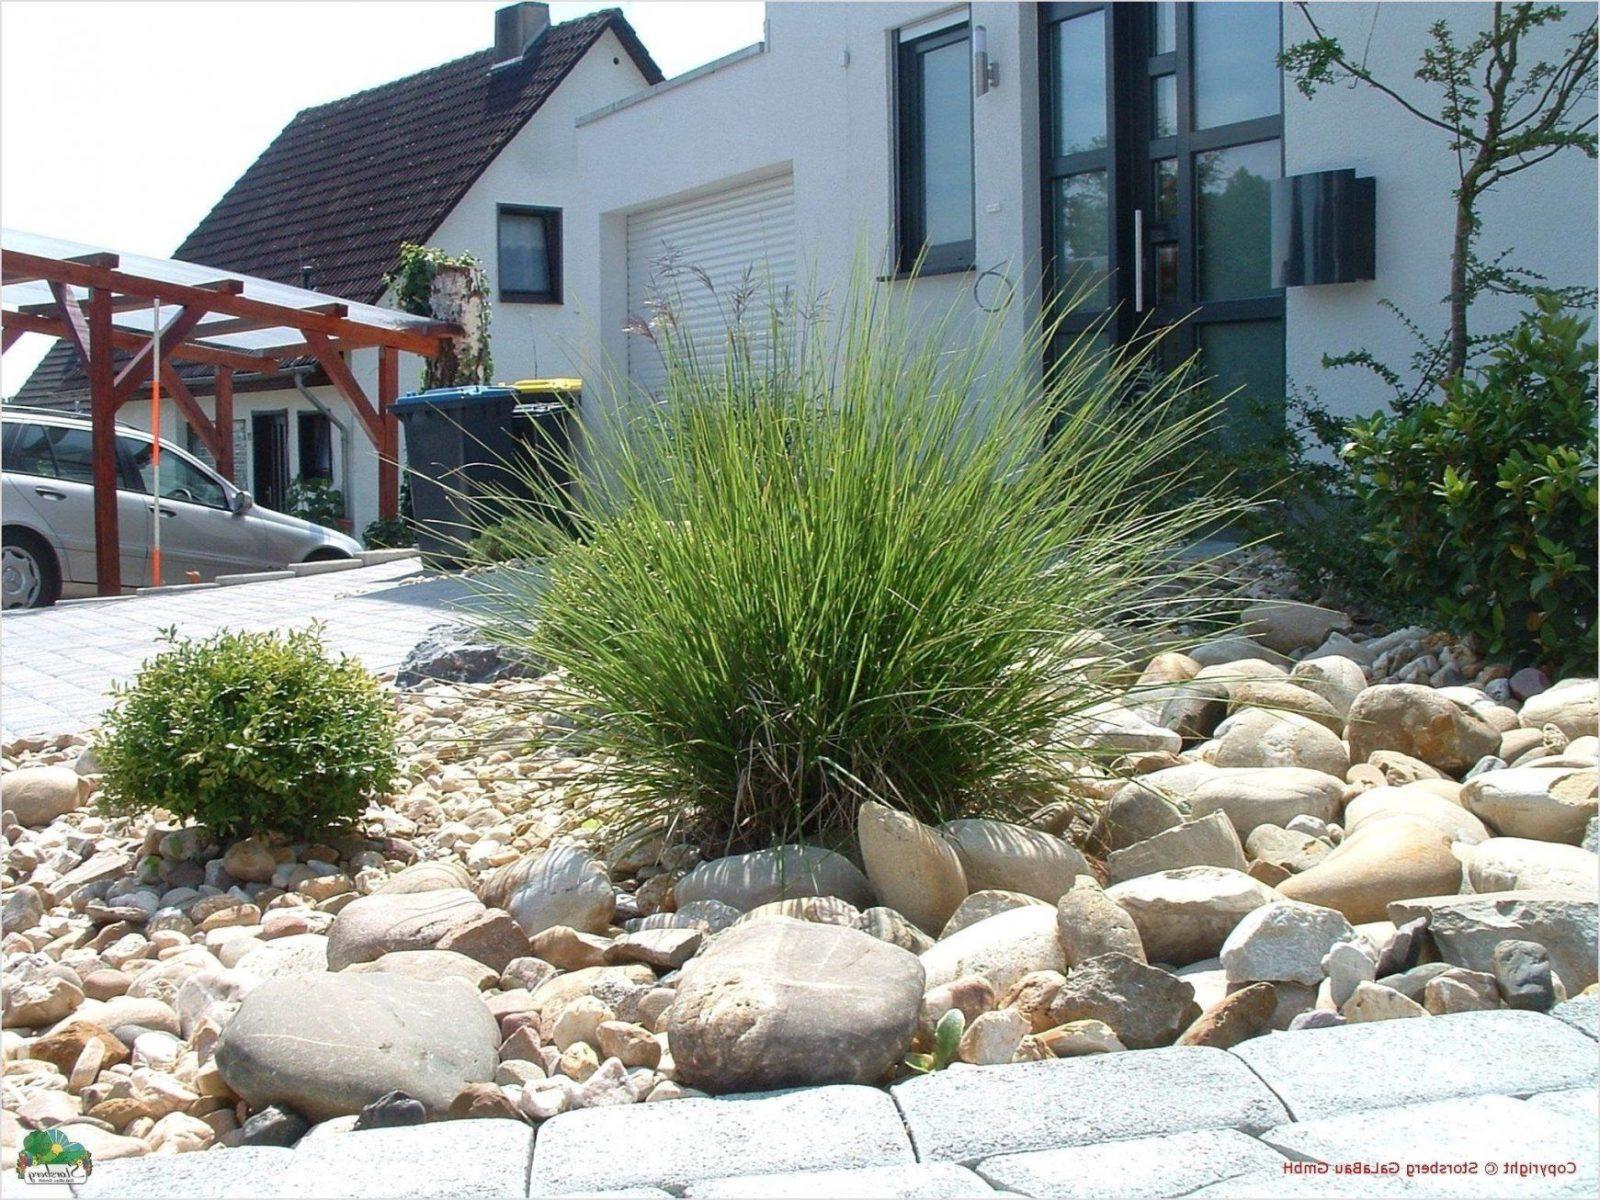 Gestalten Mit Stein Im Garten Frisch Garten Neu Gestalten Mit Kies von Vorgarten Moderne Gestaltung Kies Bild